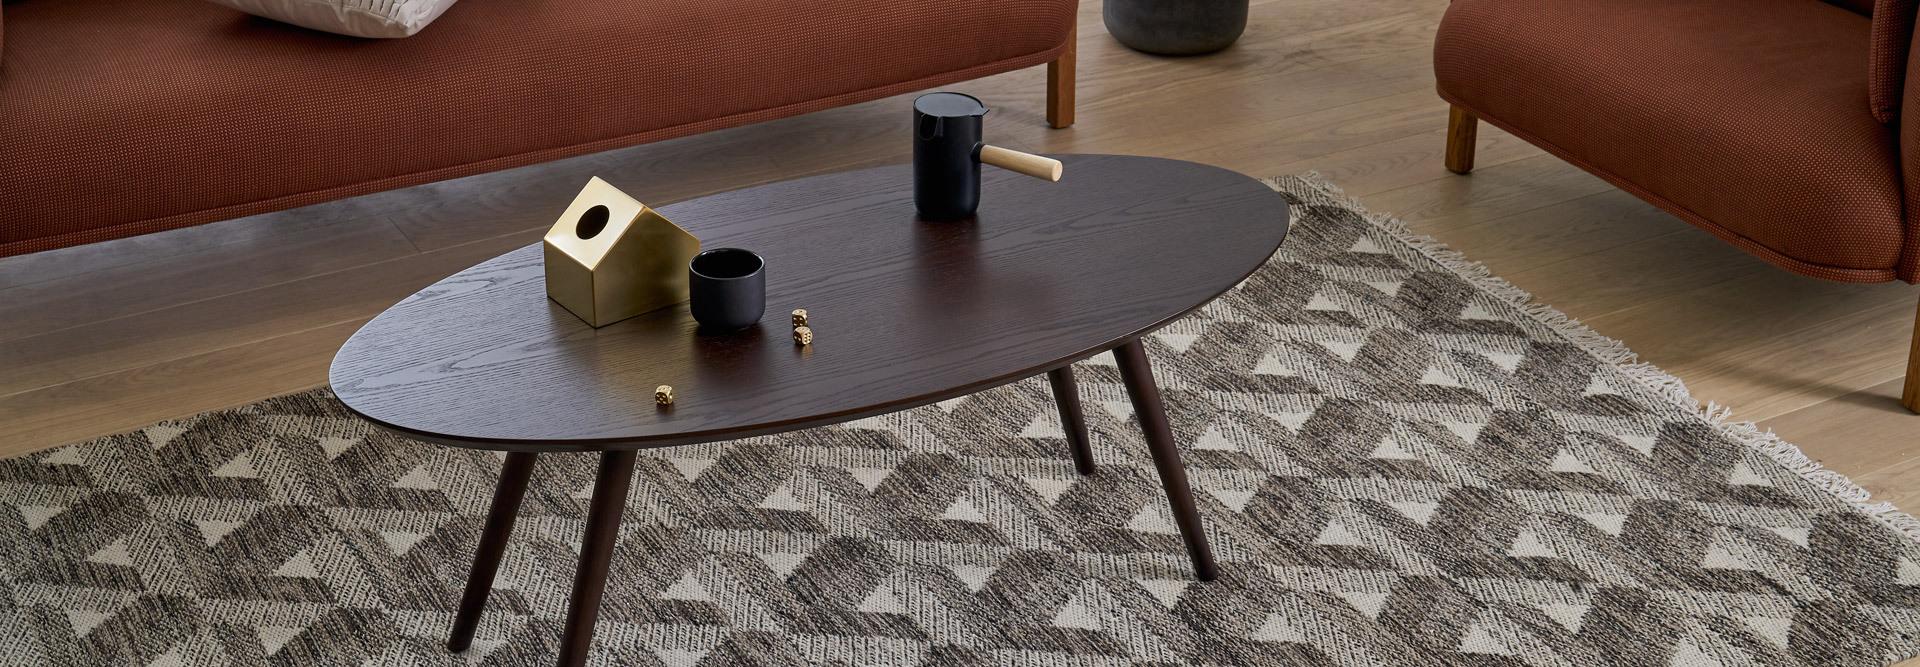 全实木手感,朴素与端庄的客厅之选